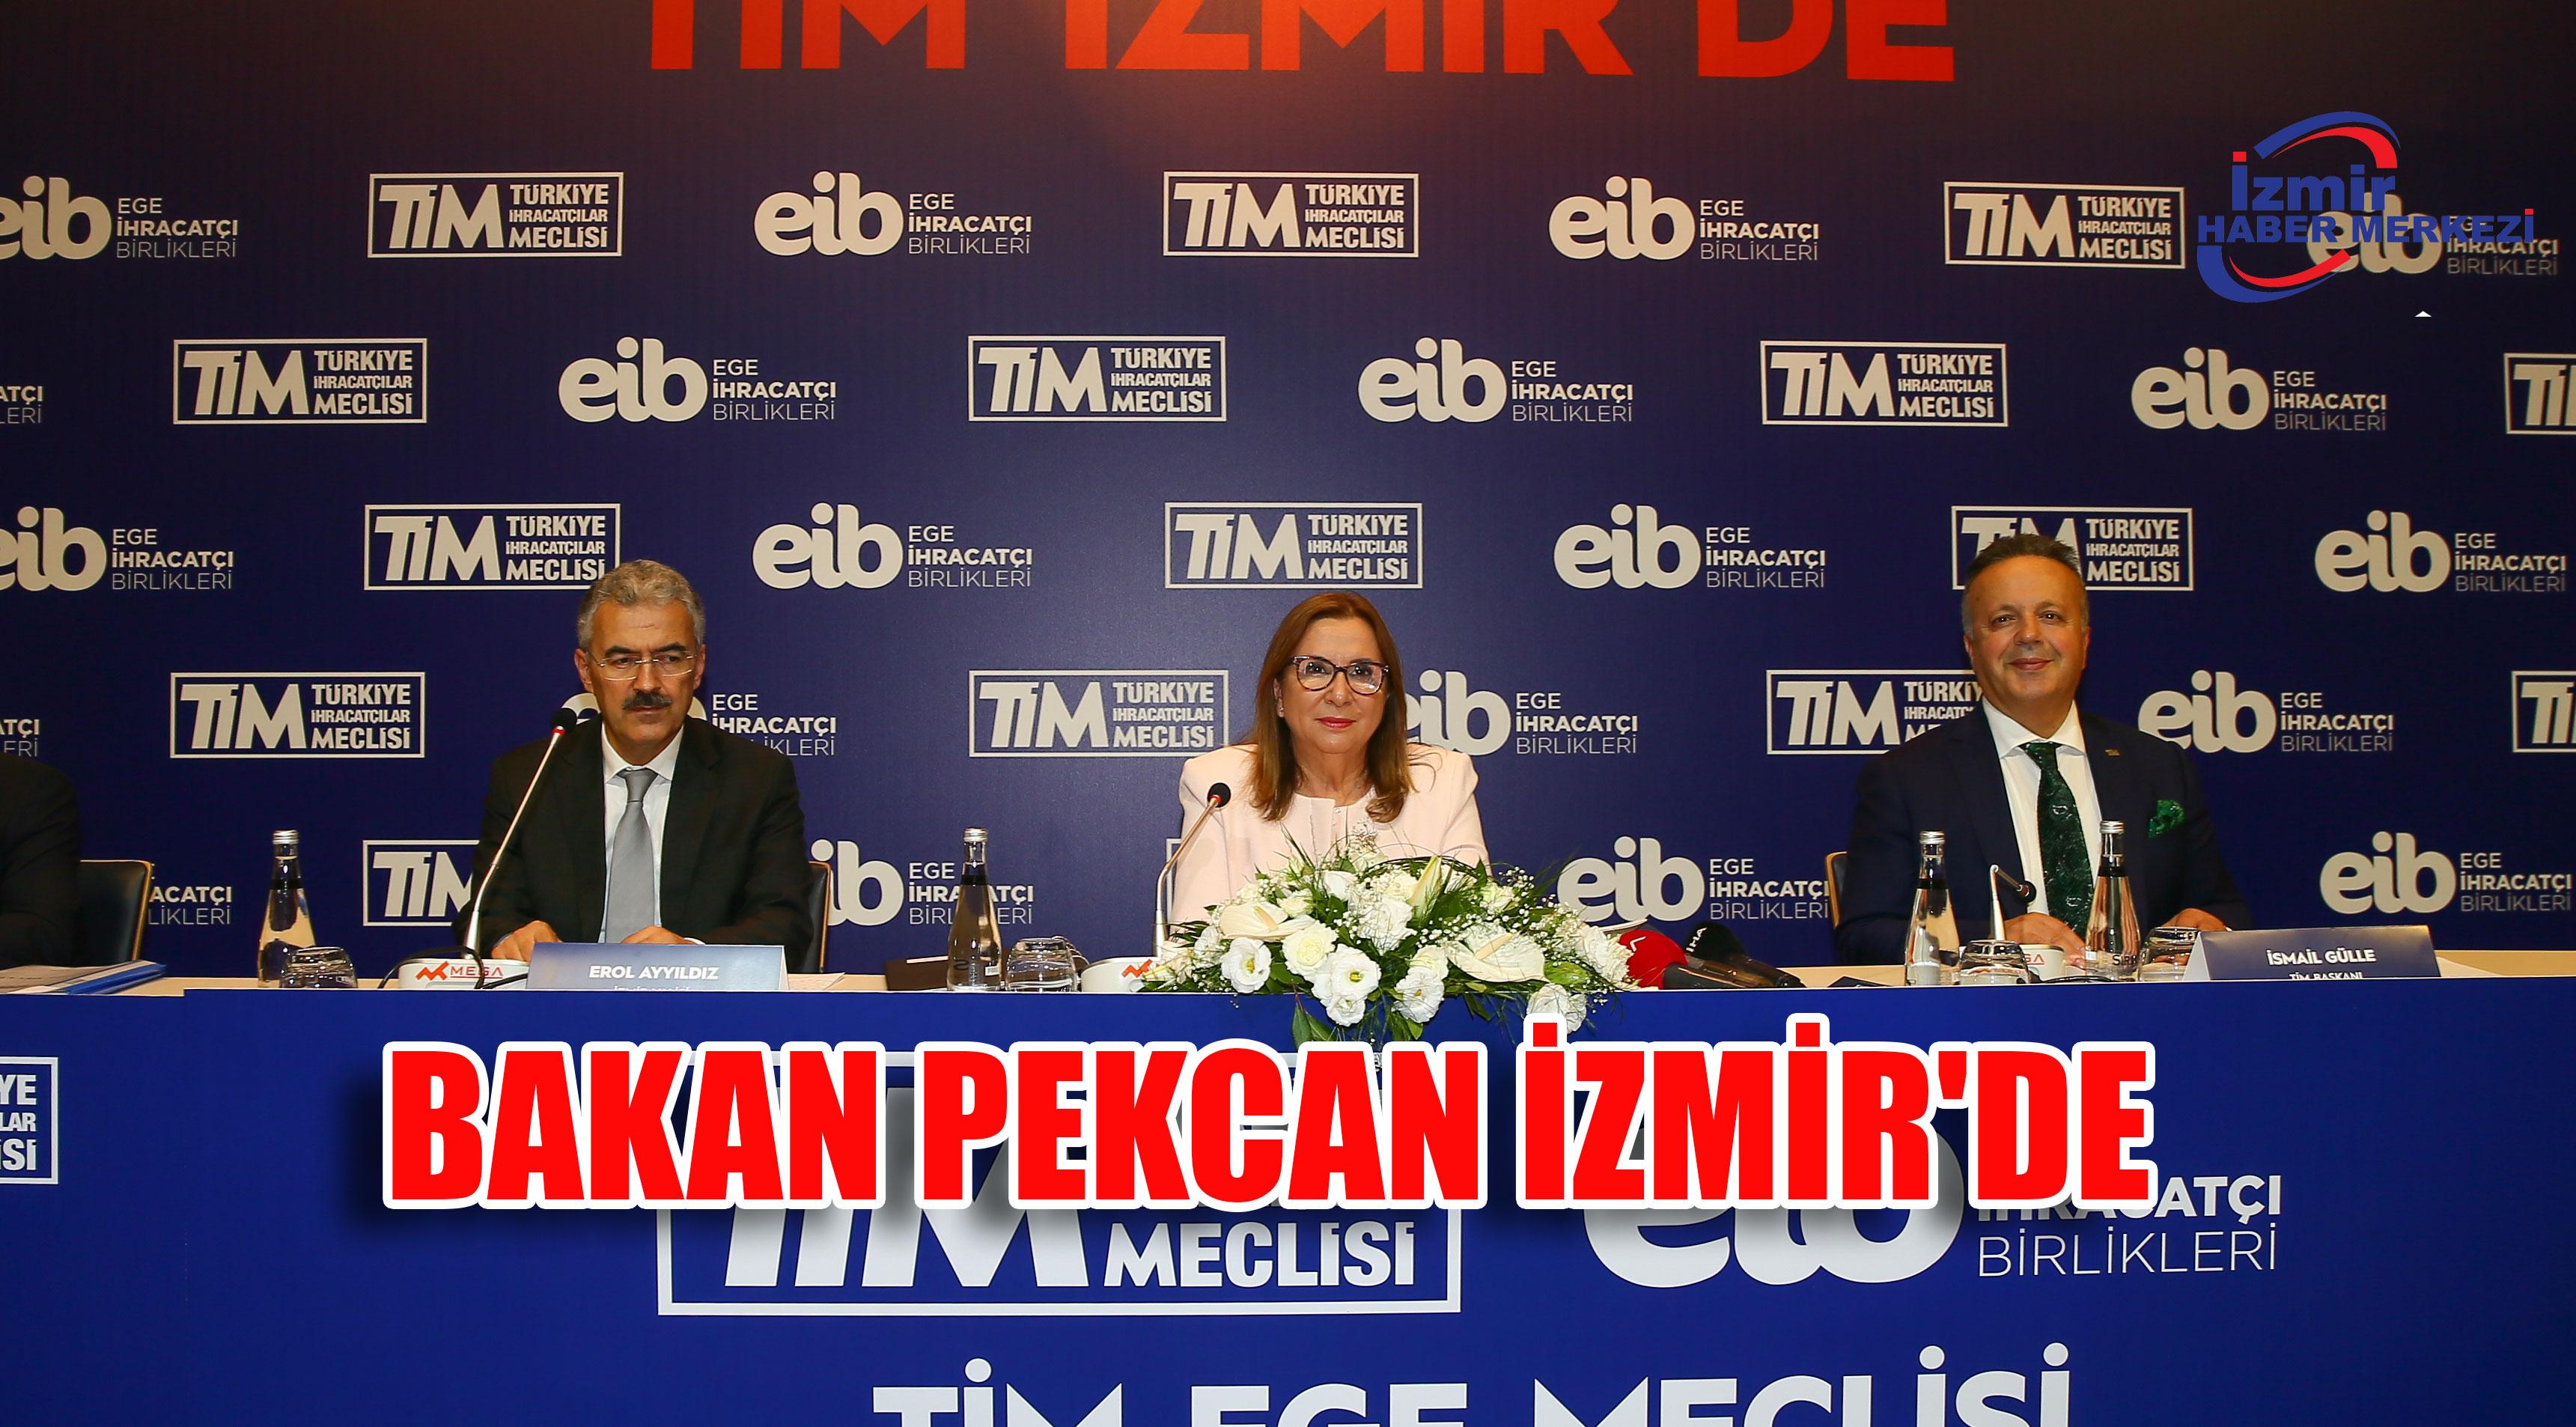 TİCARET BAKANI PEKCAN İZMİR'DE